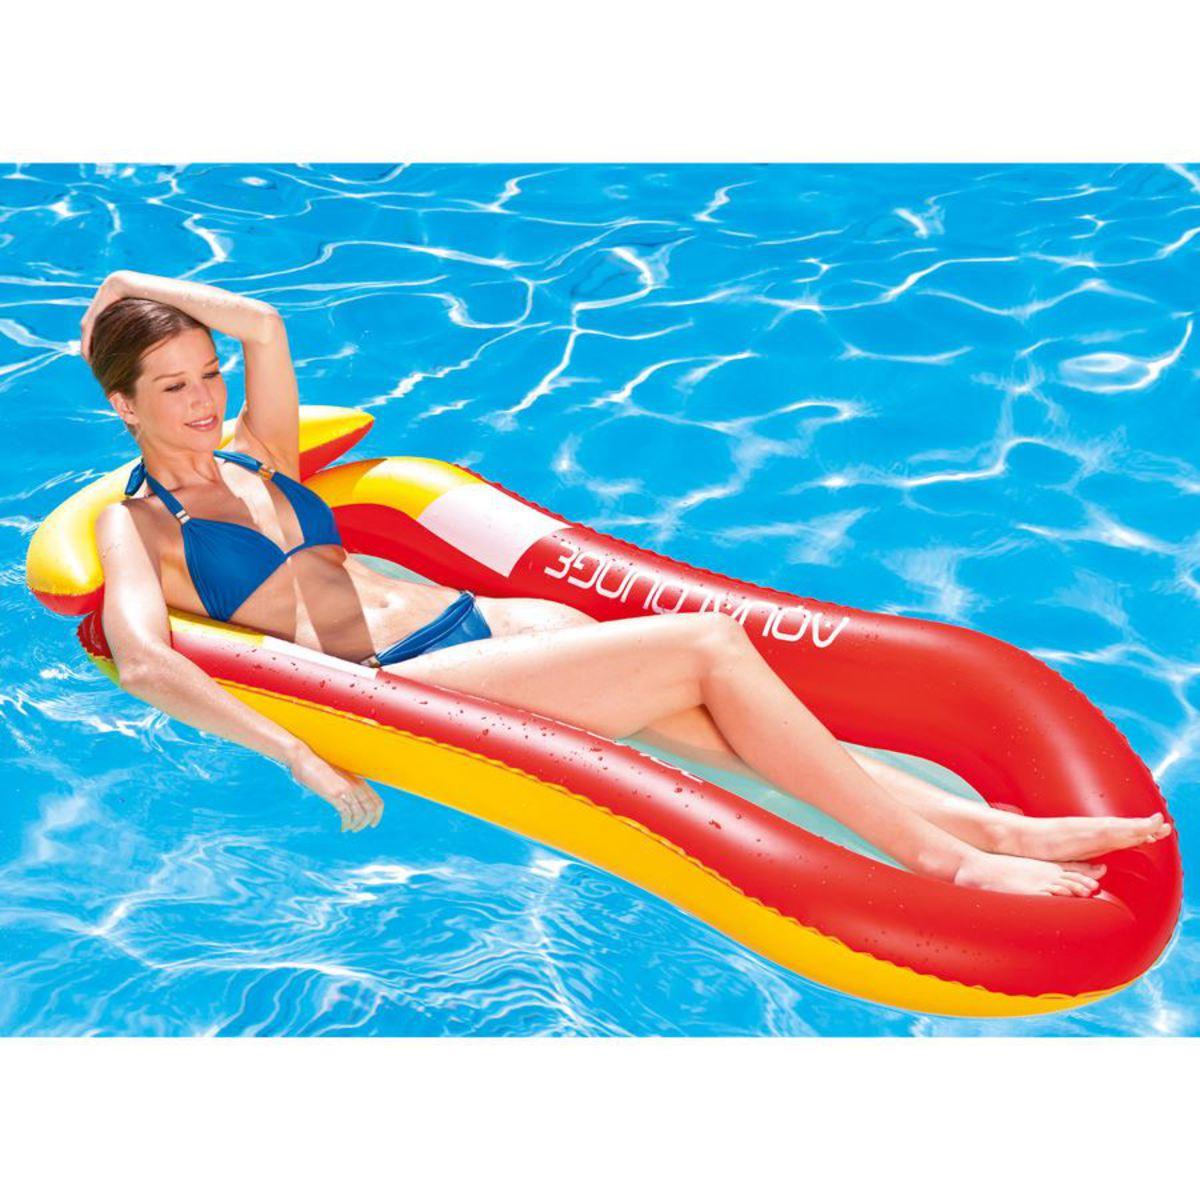 Bild 3 von Bestway Aqua Lounge Luftmatratze 160x84cm